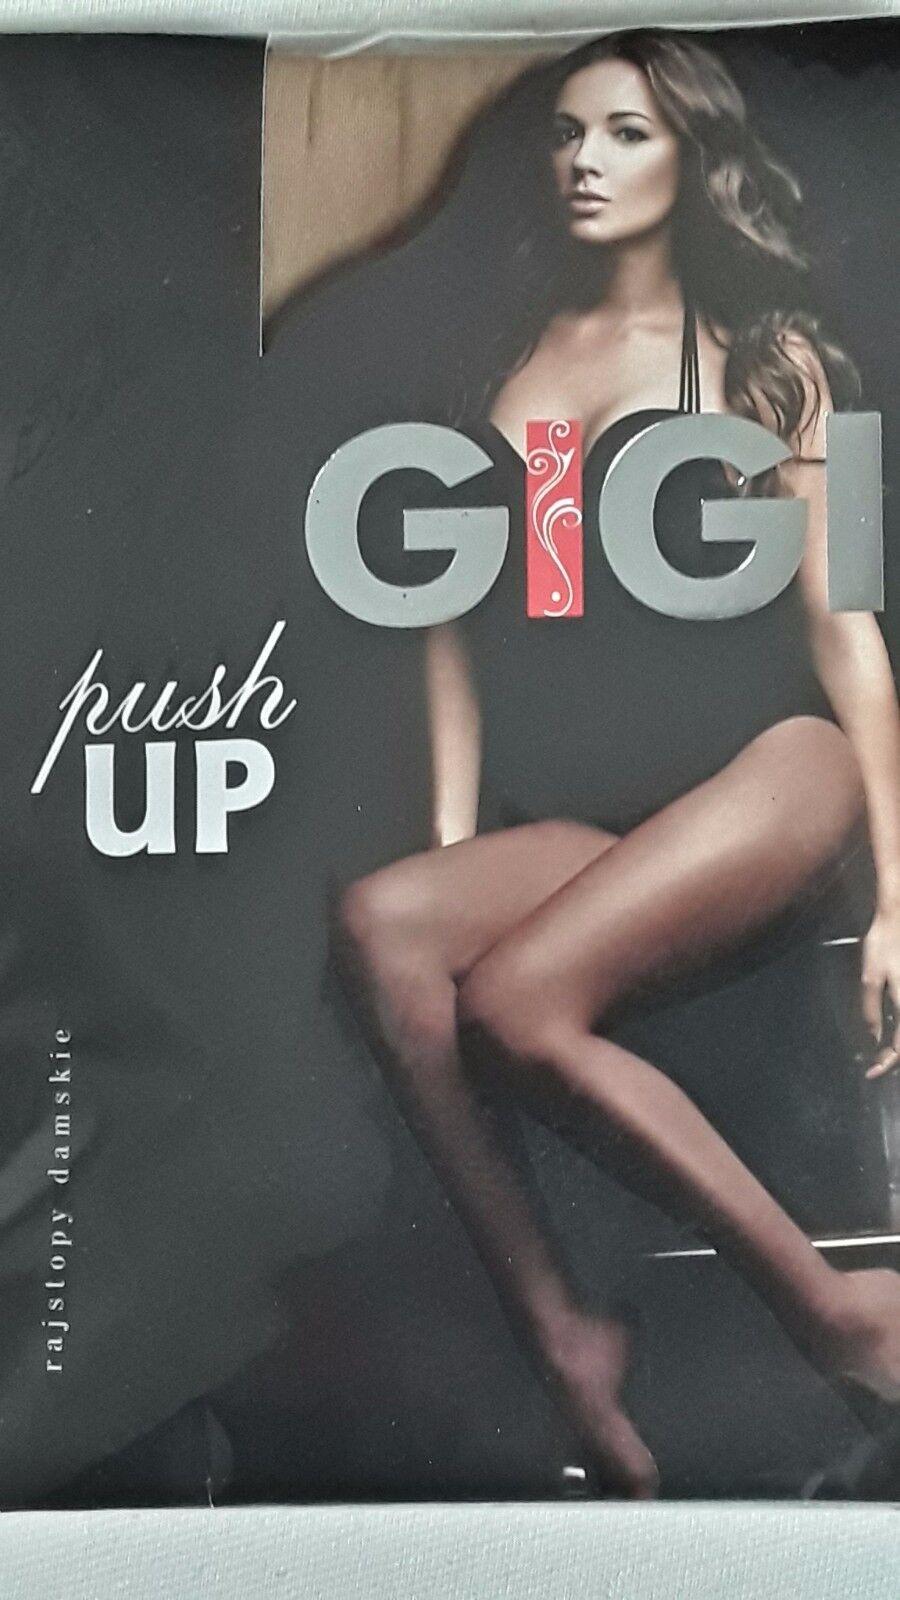 GIGI Push-up Strumpfhose Bauch- Beine- Po mit LYCRA® - Beige - Neu